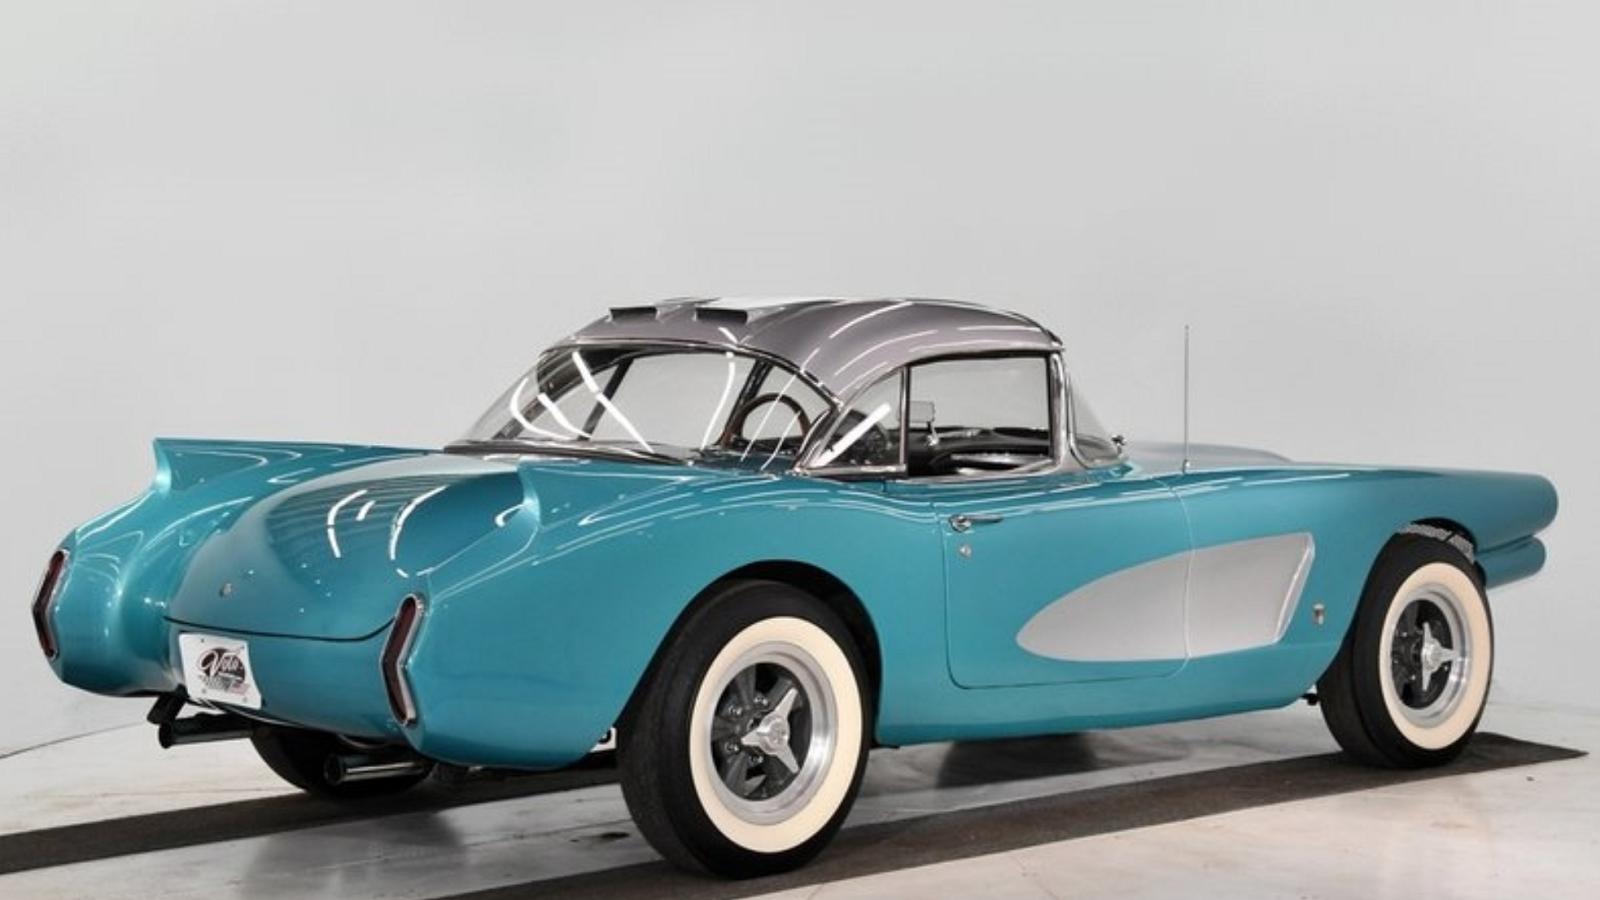 Historic, Wild 1958 Barris Custom Corvette up for Sale